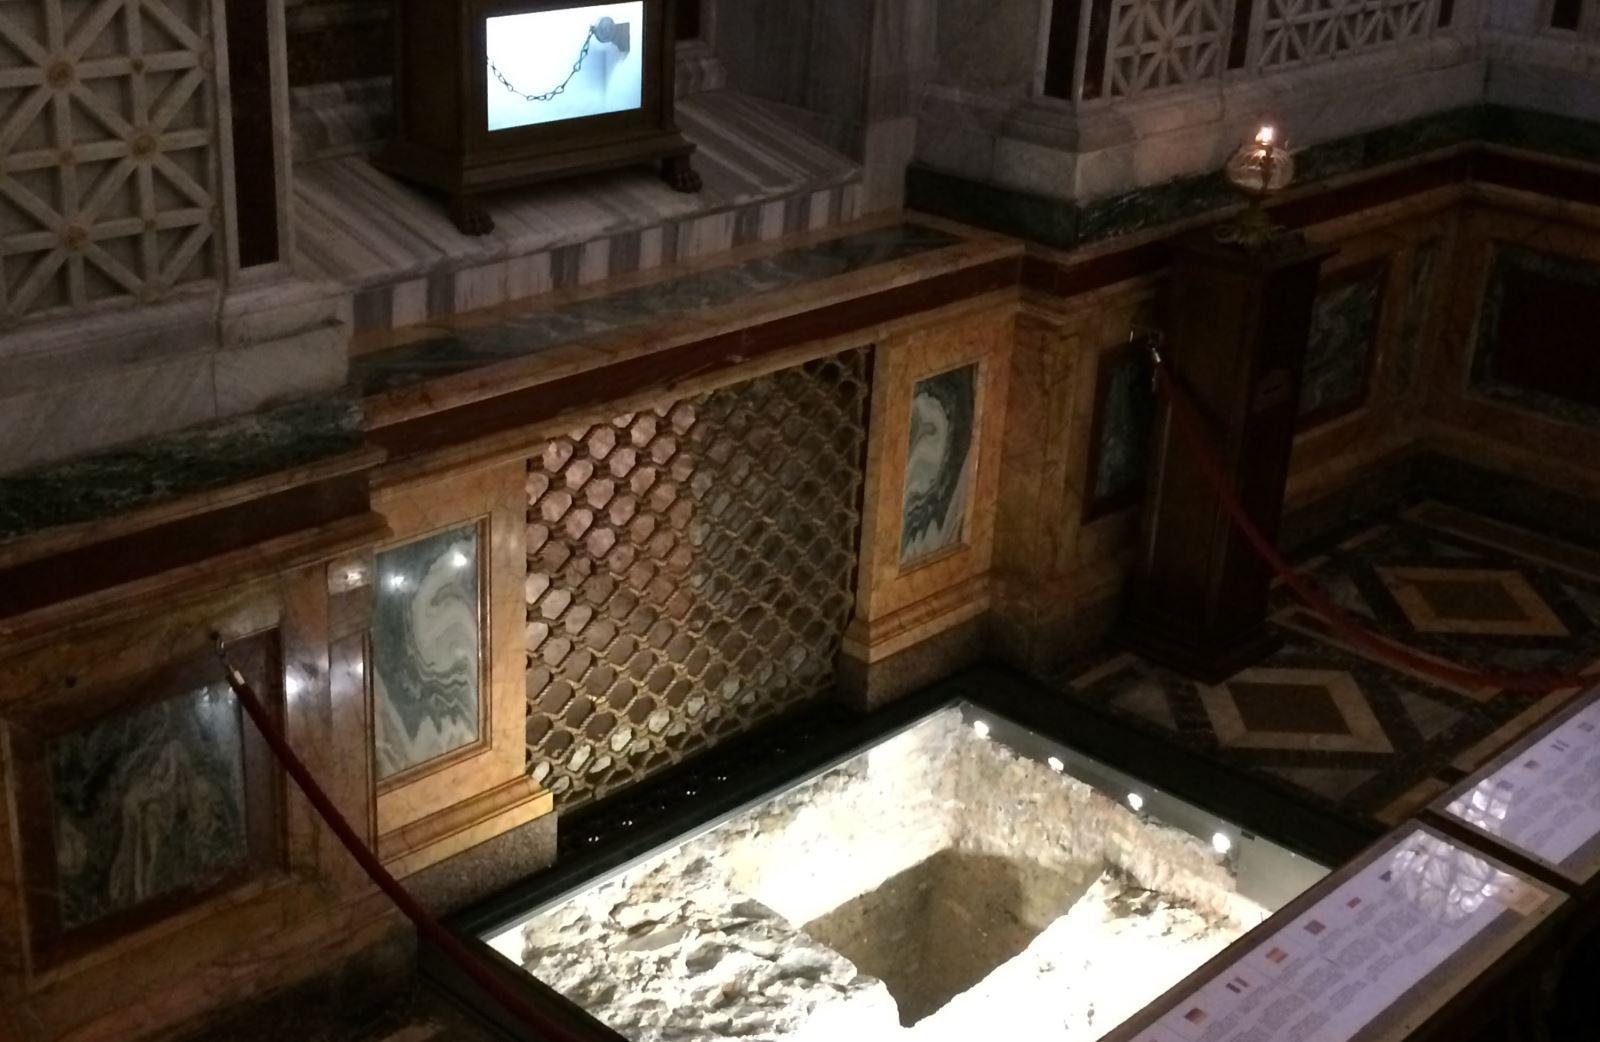 Hành trình đi tìm  phần mộ của thánh tông đồ Phaolô - Ảnh minh hoạ 3